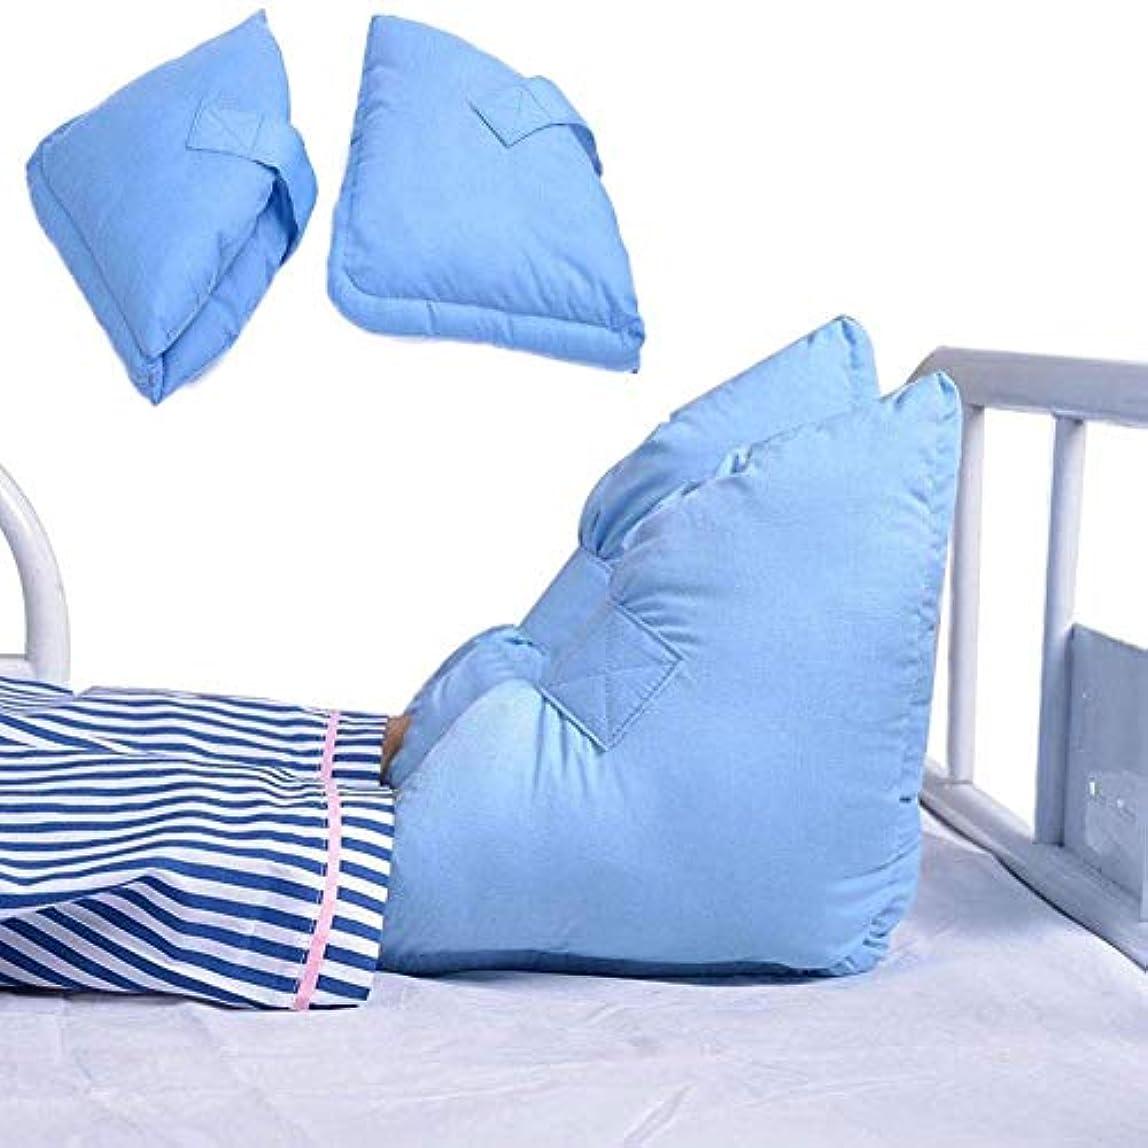 キャリア敬意を表して艦隊1ペア抗褥瘡ヒールプロテクター枕 - 男性と女性のための褥瘡とかかと潰瘍の軽減のための足首保護クッション